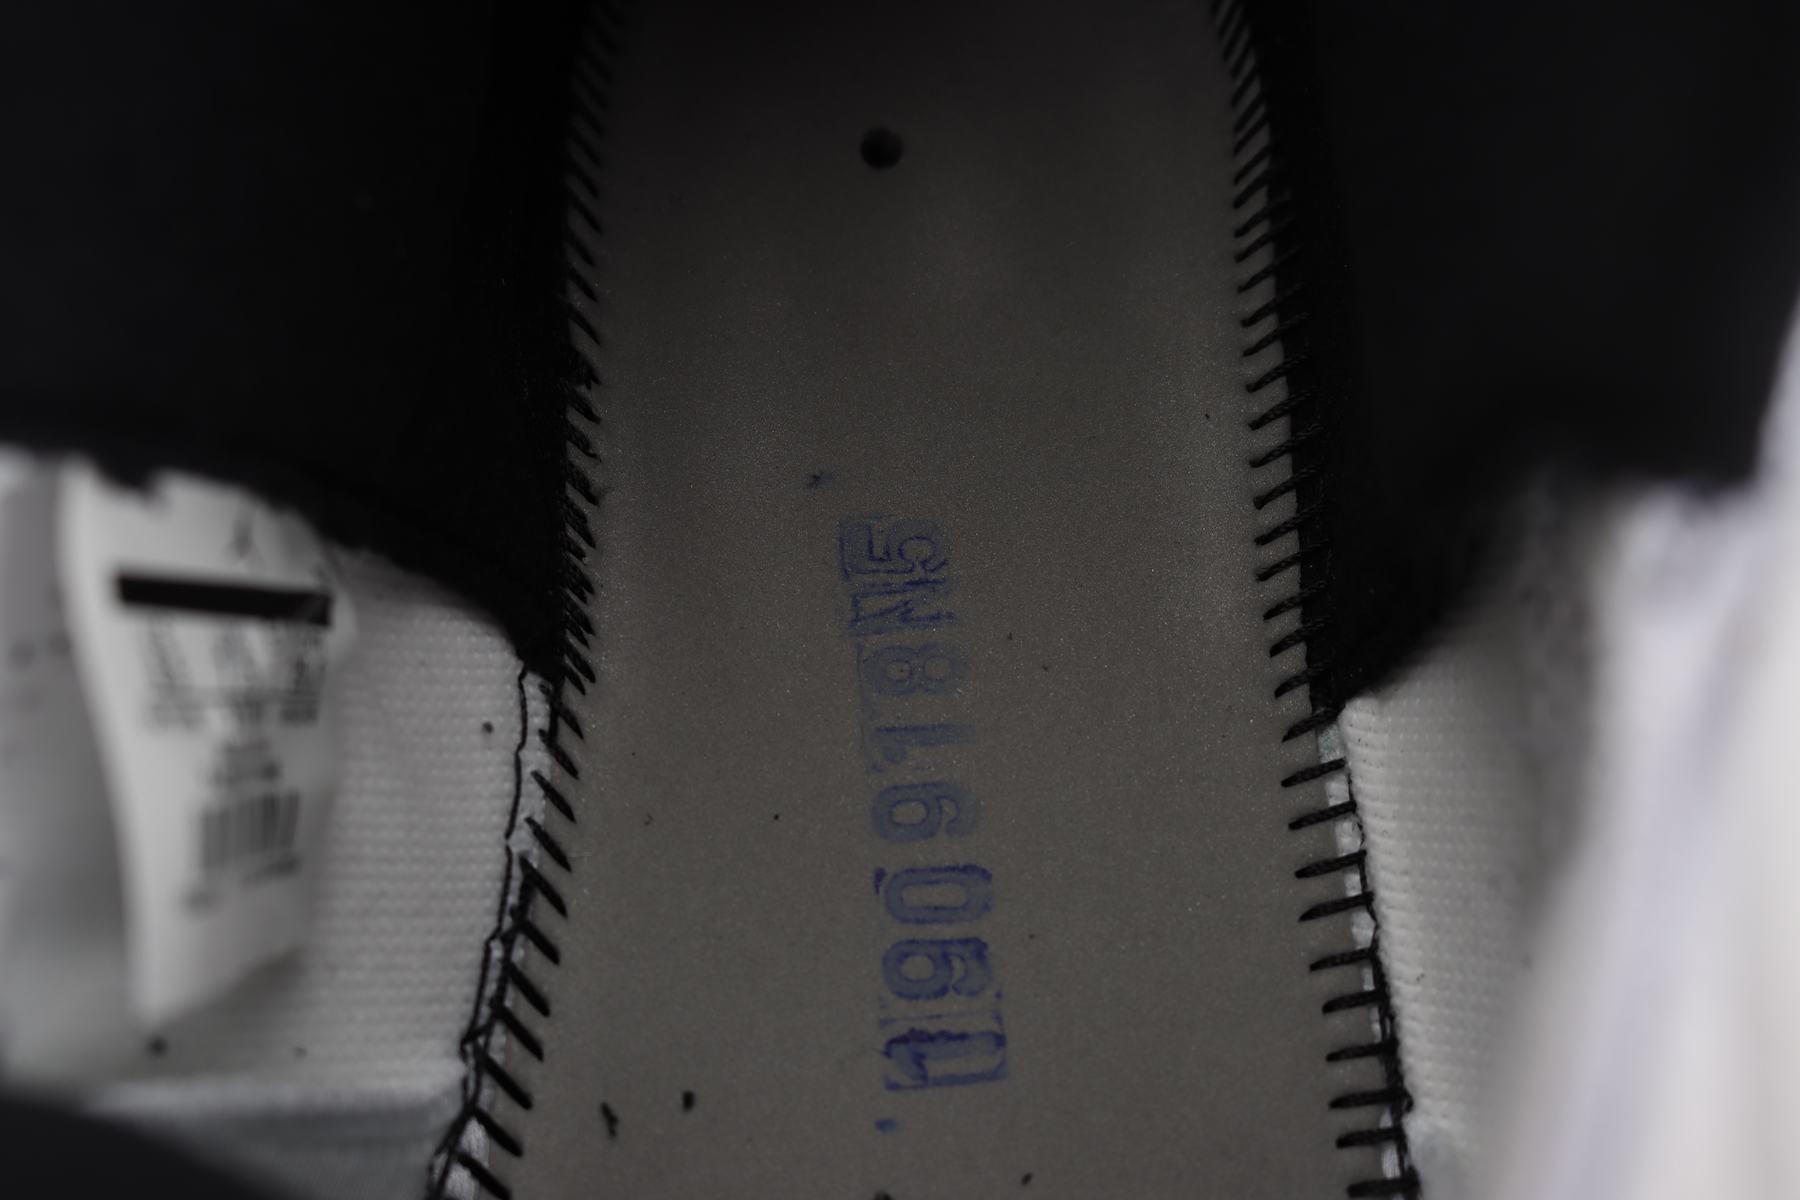 LJR版 Air Jordan 11 AJ11 康扣 黑白 378037-100_ljr版本的椰子